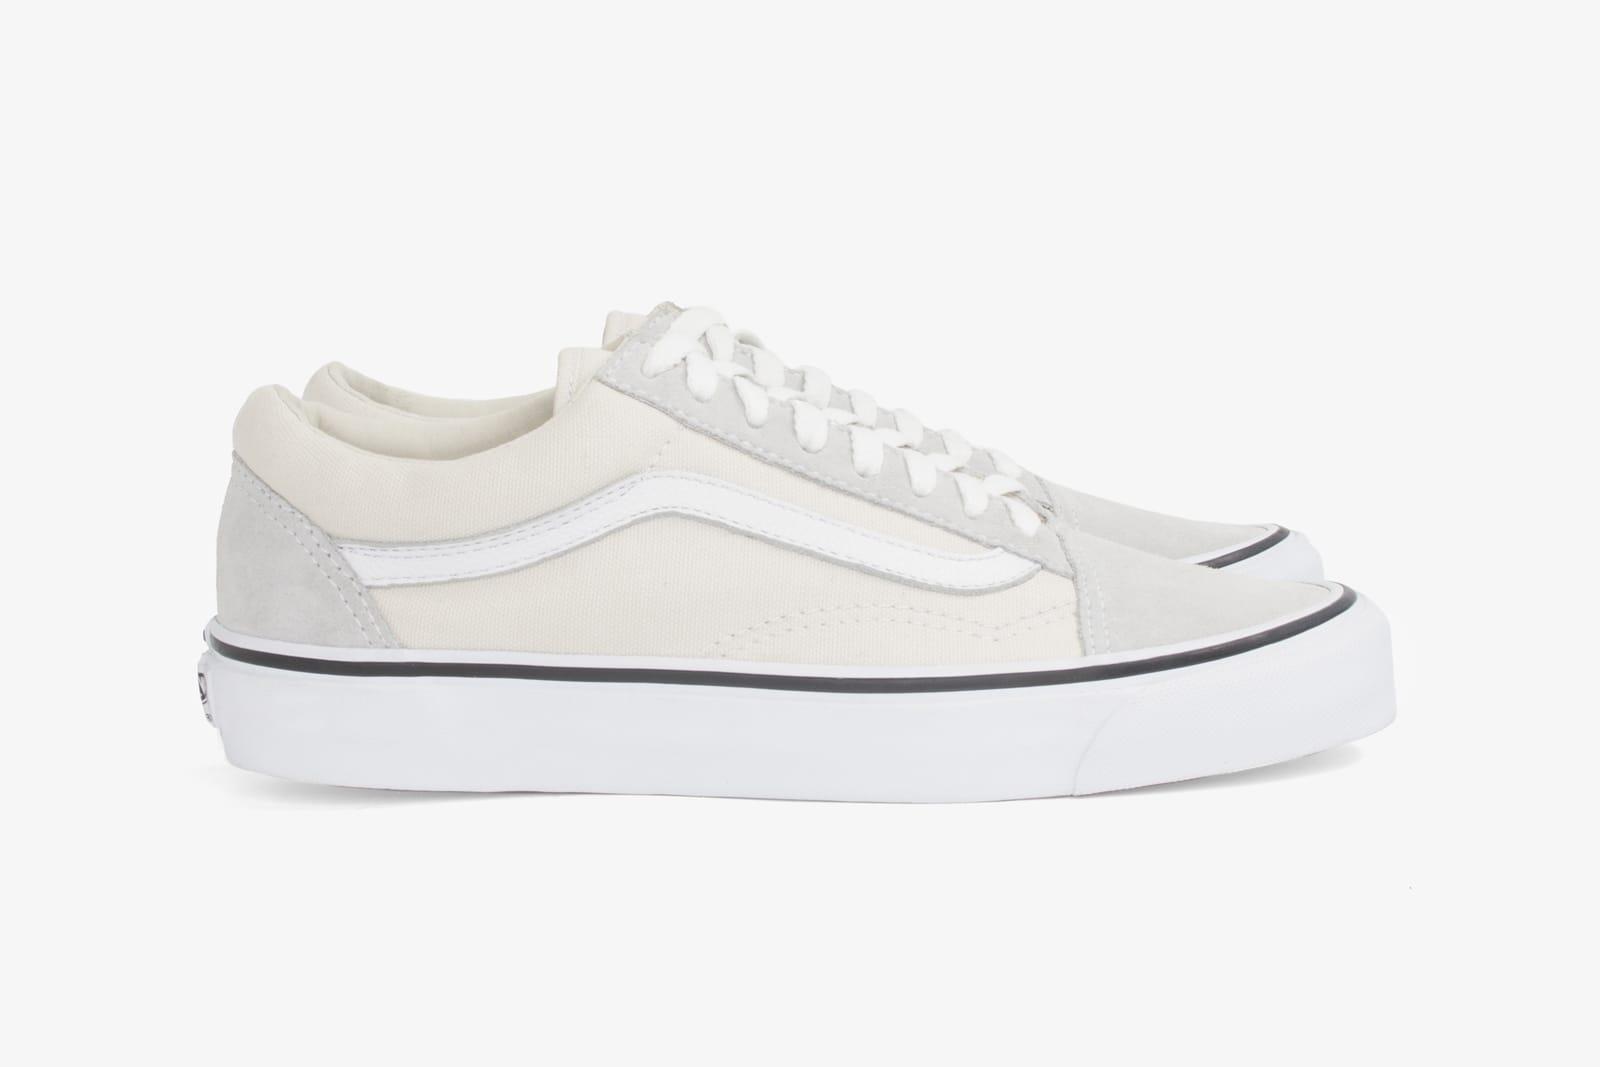 JJJJound x Vans Old Skool 2017